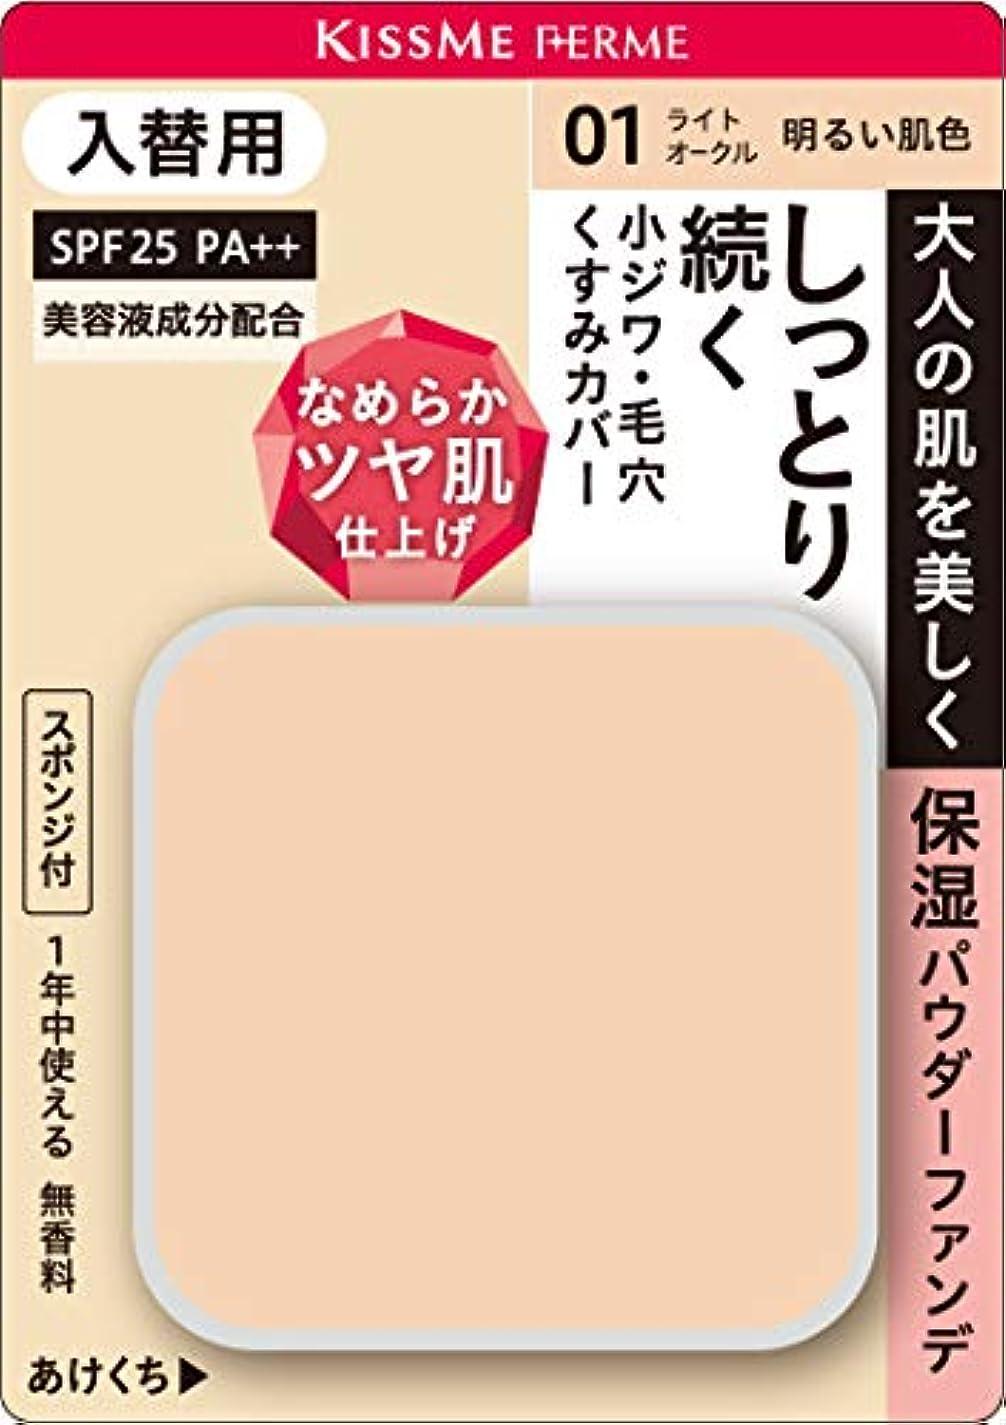 貞すなわち数字フェルム しっとりツヤ肌パウダーファンデ 入替用 01 明るい肌色